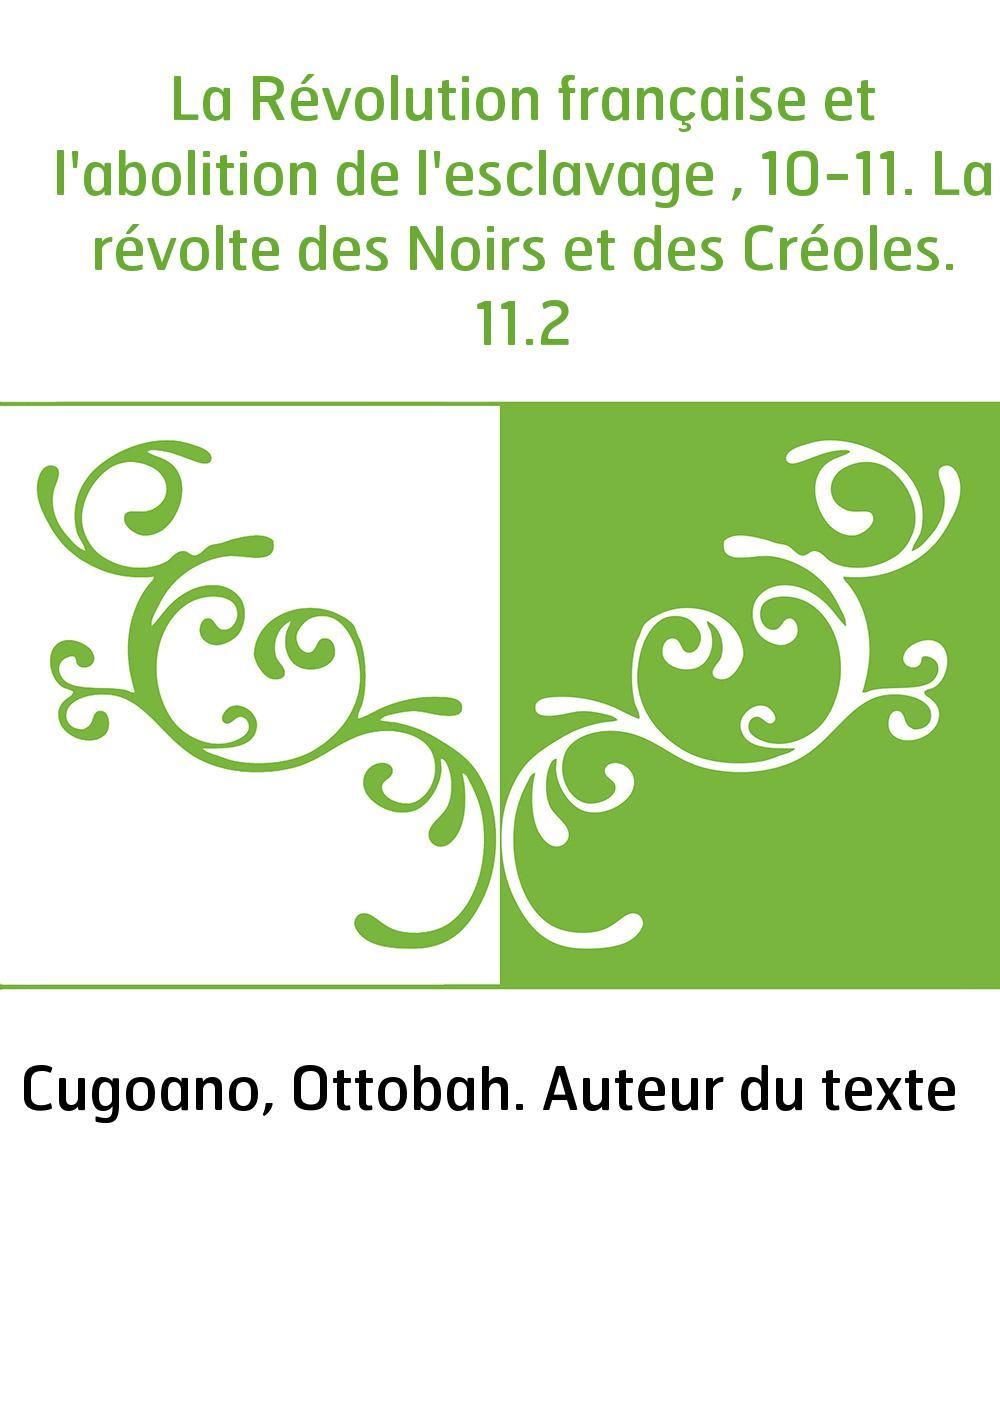 La Révolution française et l'abolition de l'esclavage , 10-11. La révolte des Noirs et des Créoles. 11.2